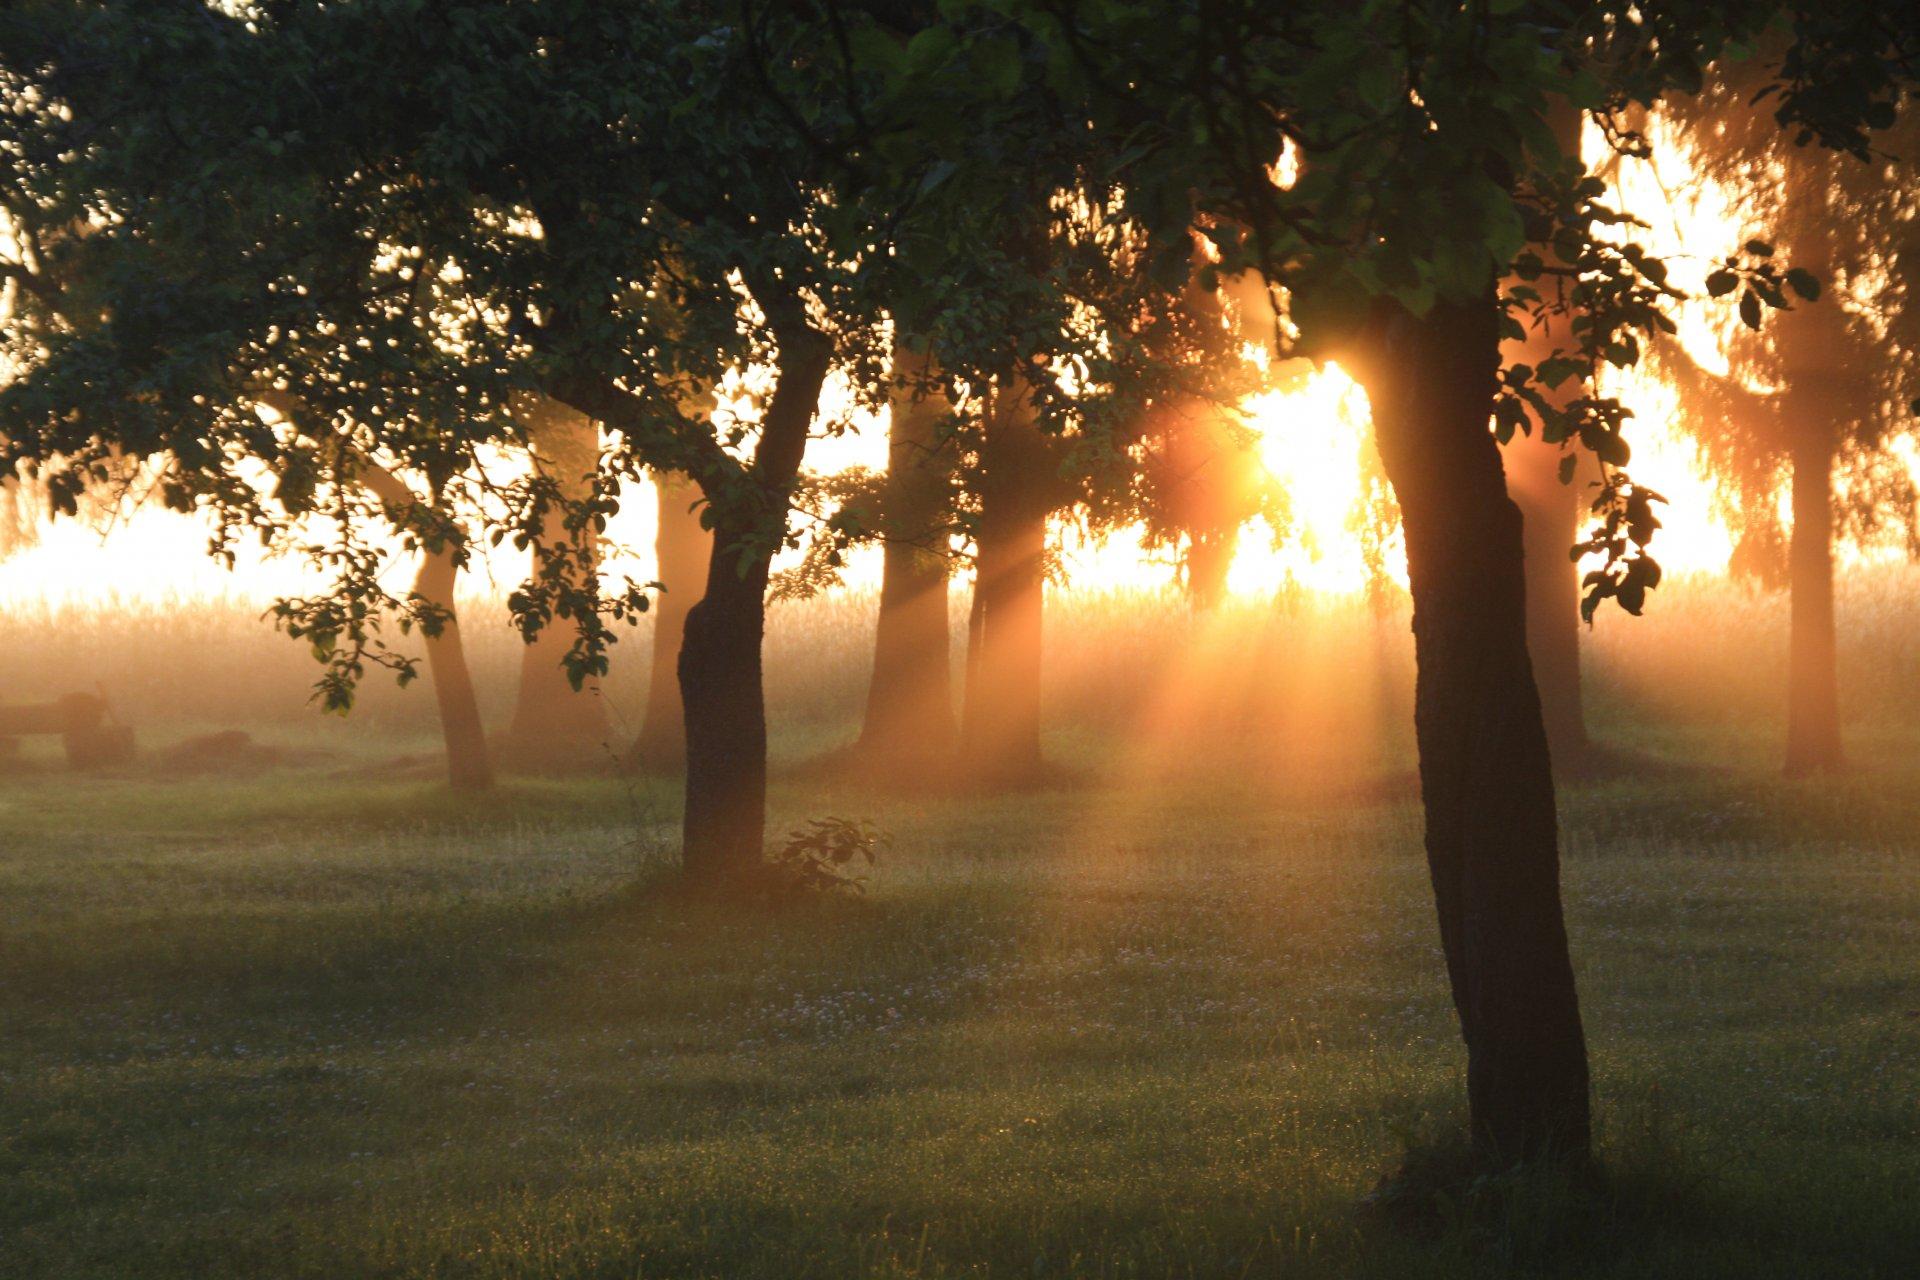 словами, эгильет фото с солнечными лучами утреннего света идеальное соотношение жесткости